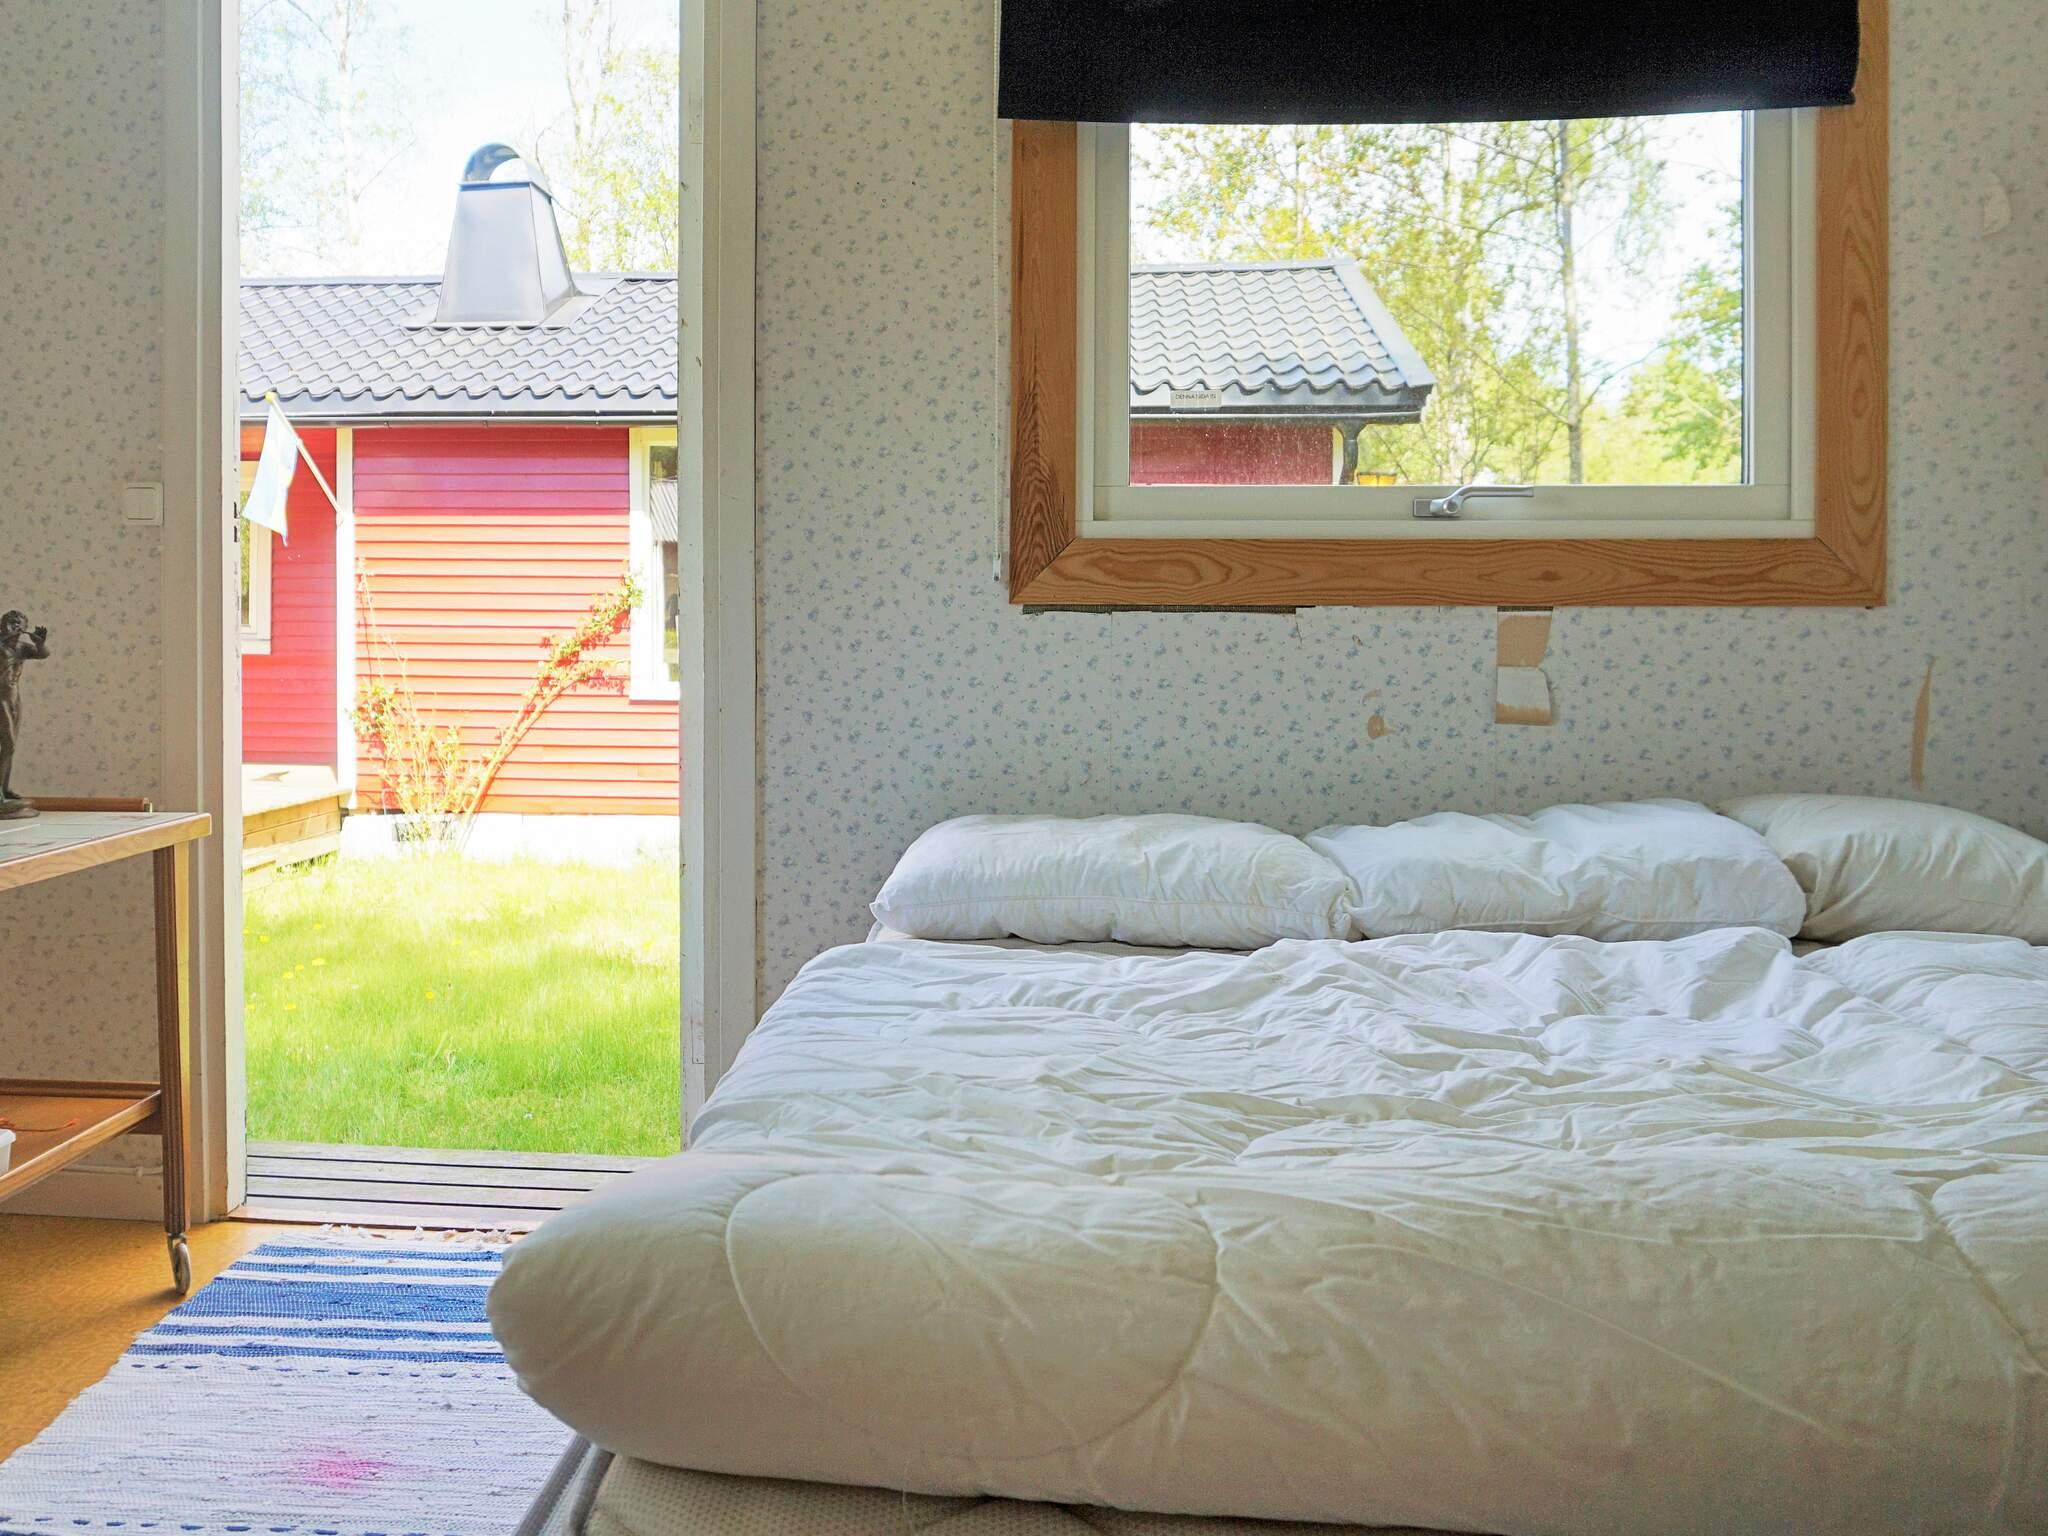 Ferienhaus Barkedal (2627959), Brastad, Västra Götaland län, Westschweden, Schweden, Bild 10